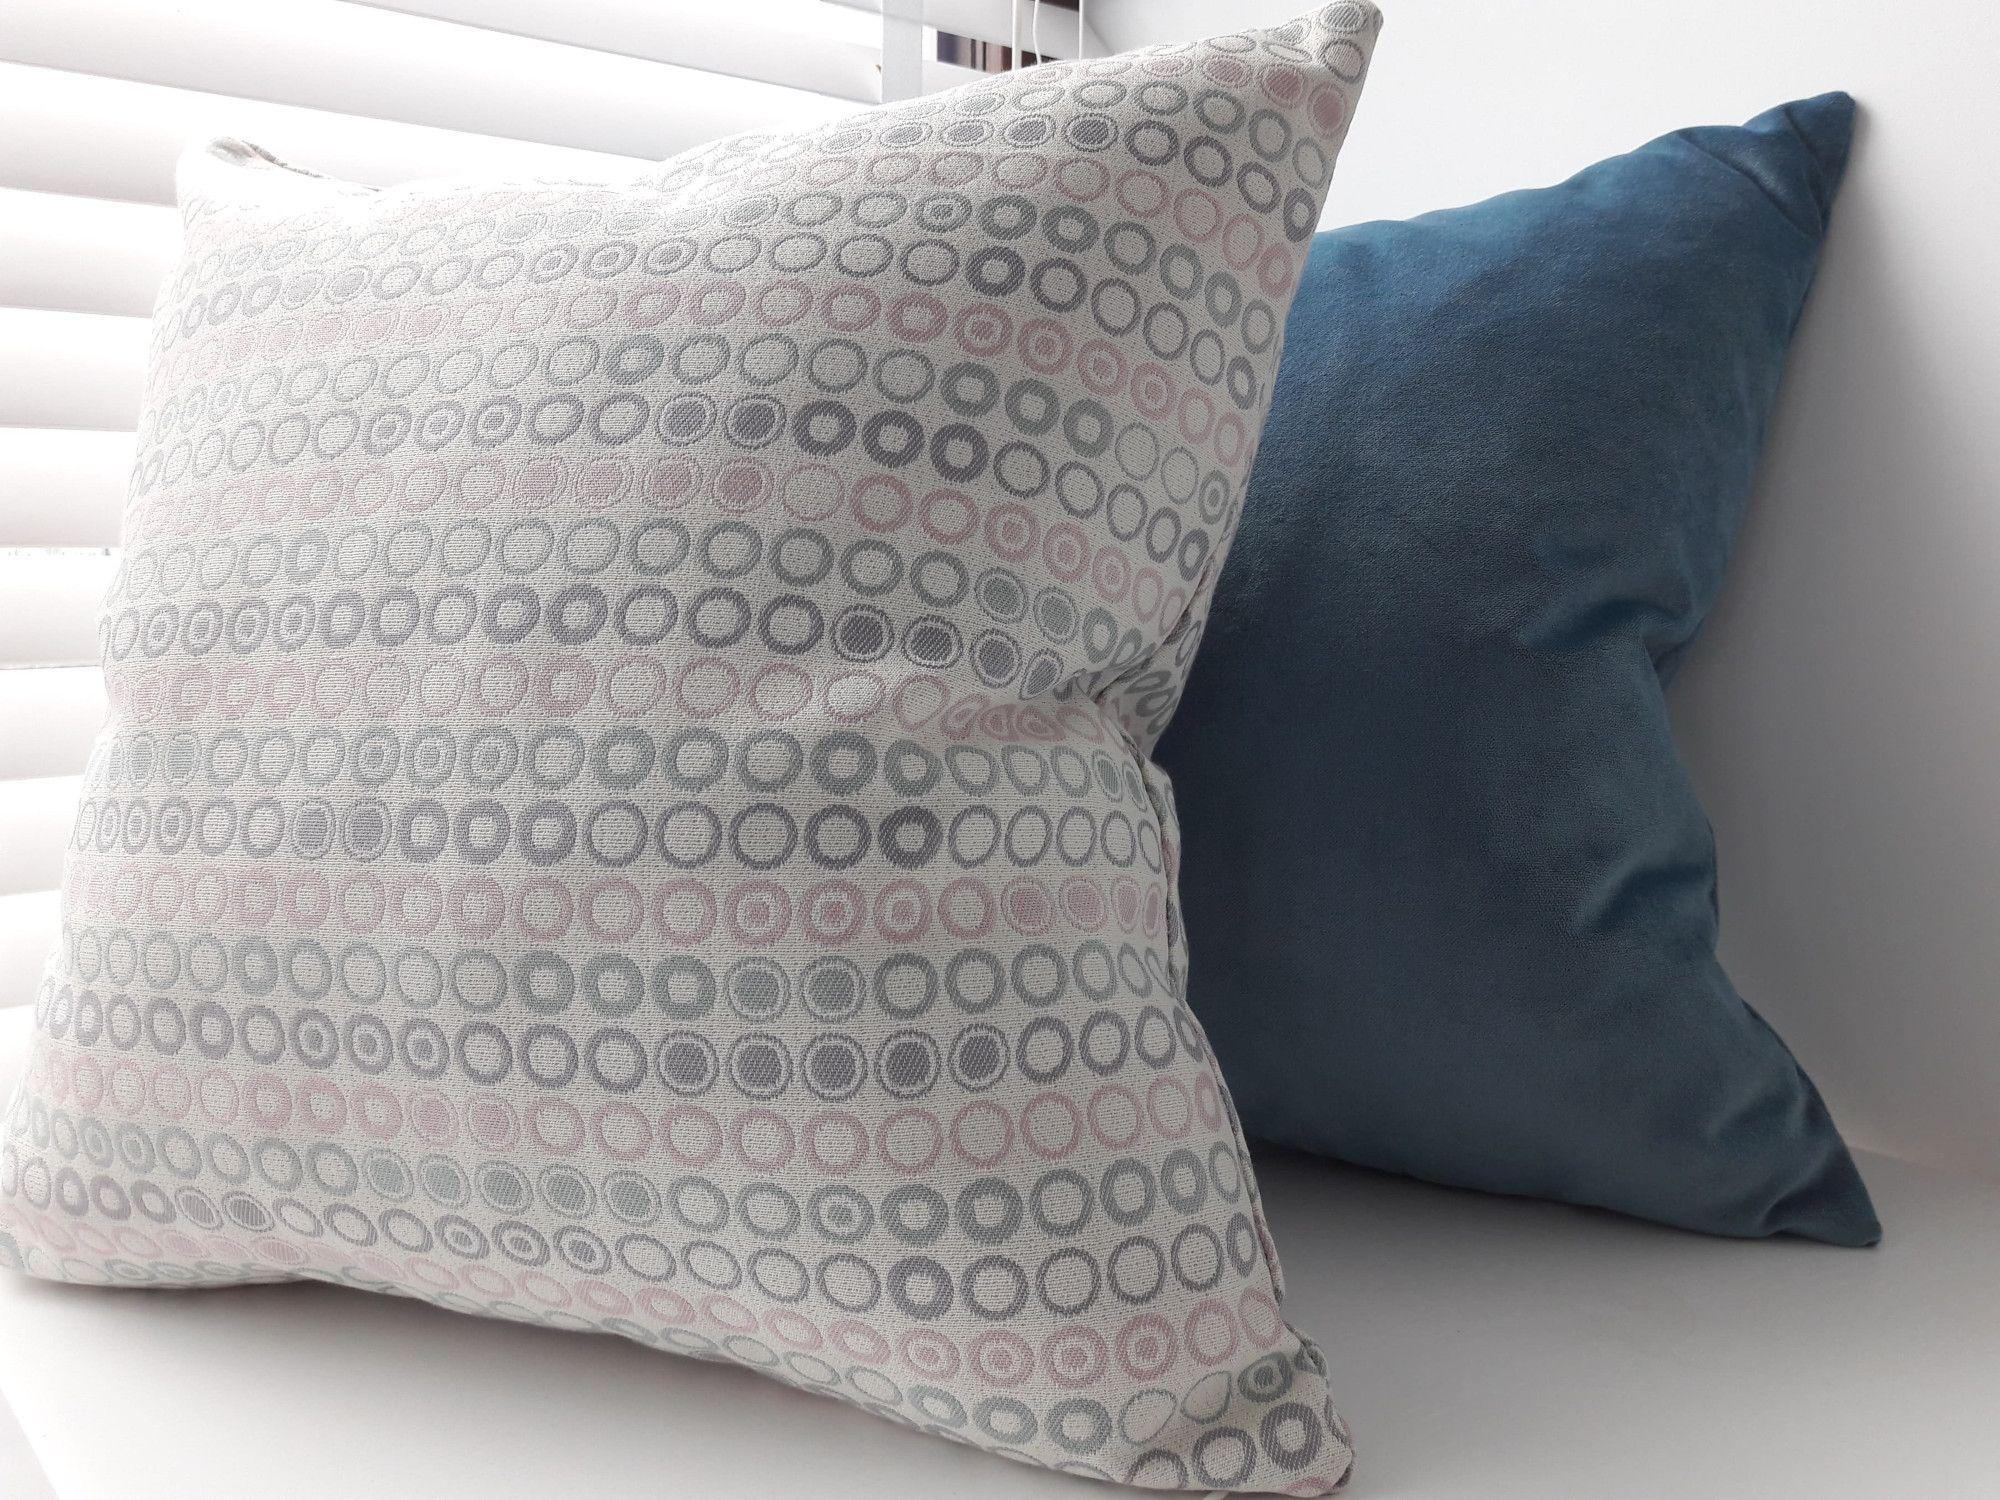 Poduszki Dekoracyjne Do Salonu W Pięknych Pastelowych